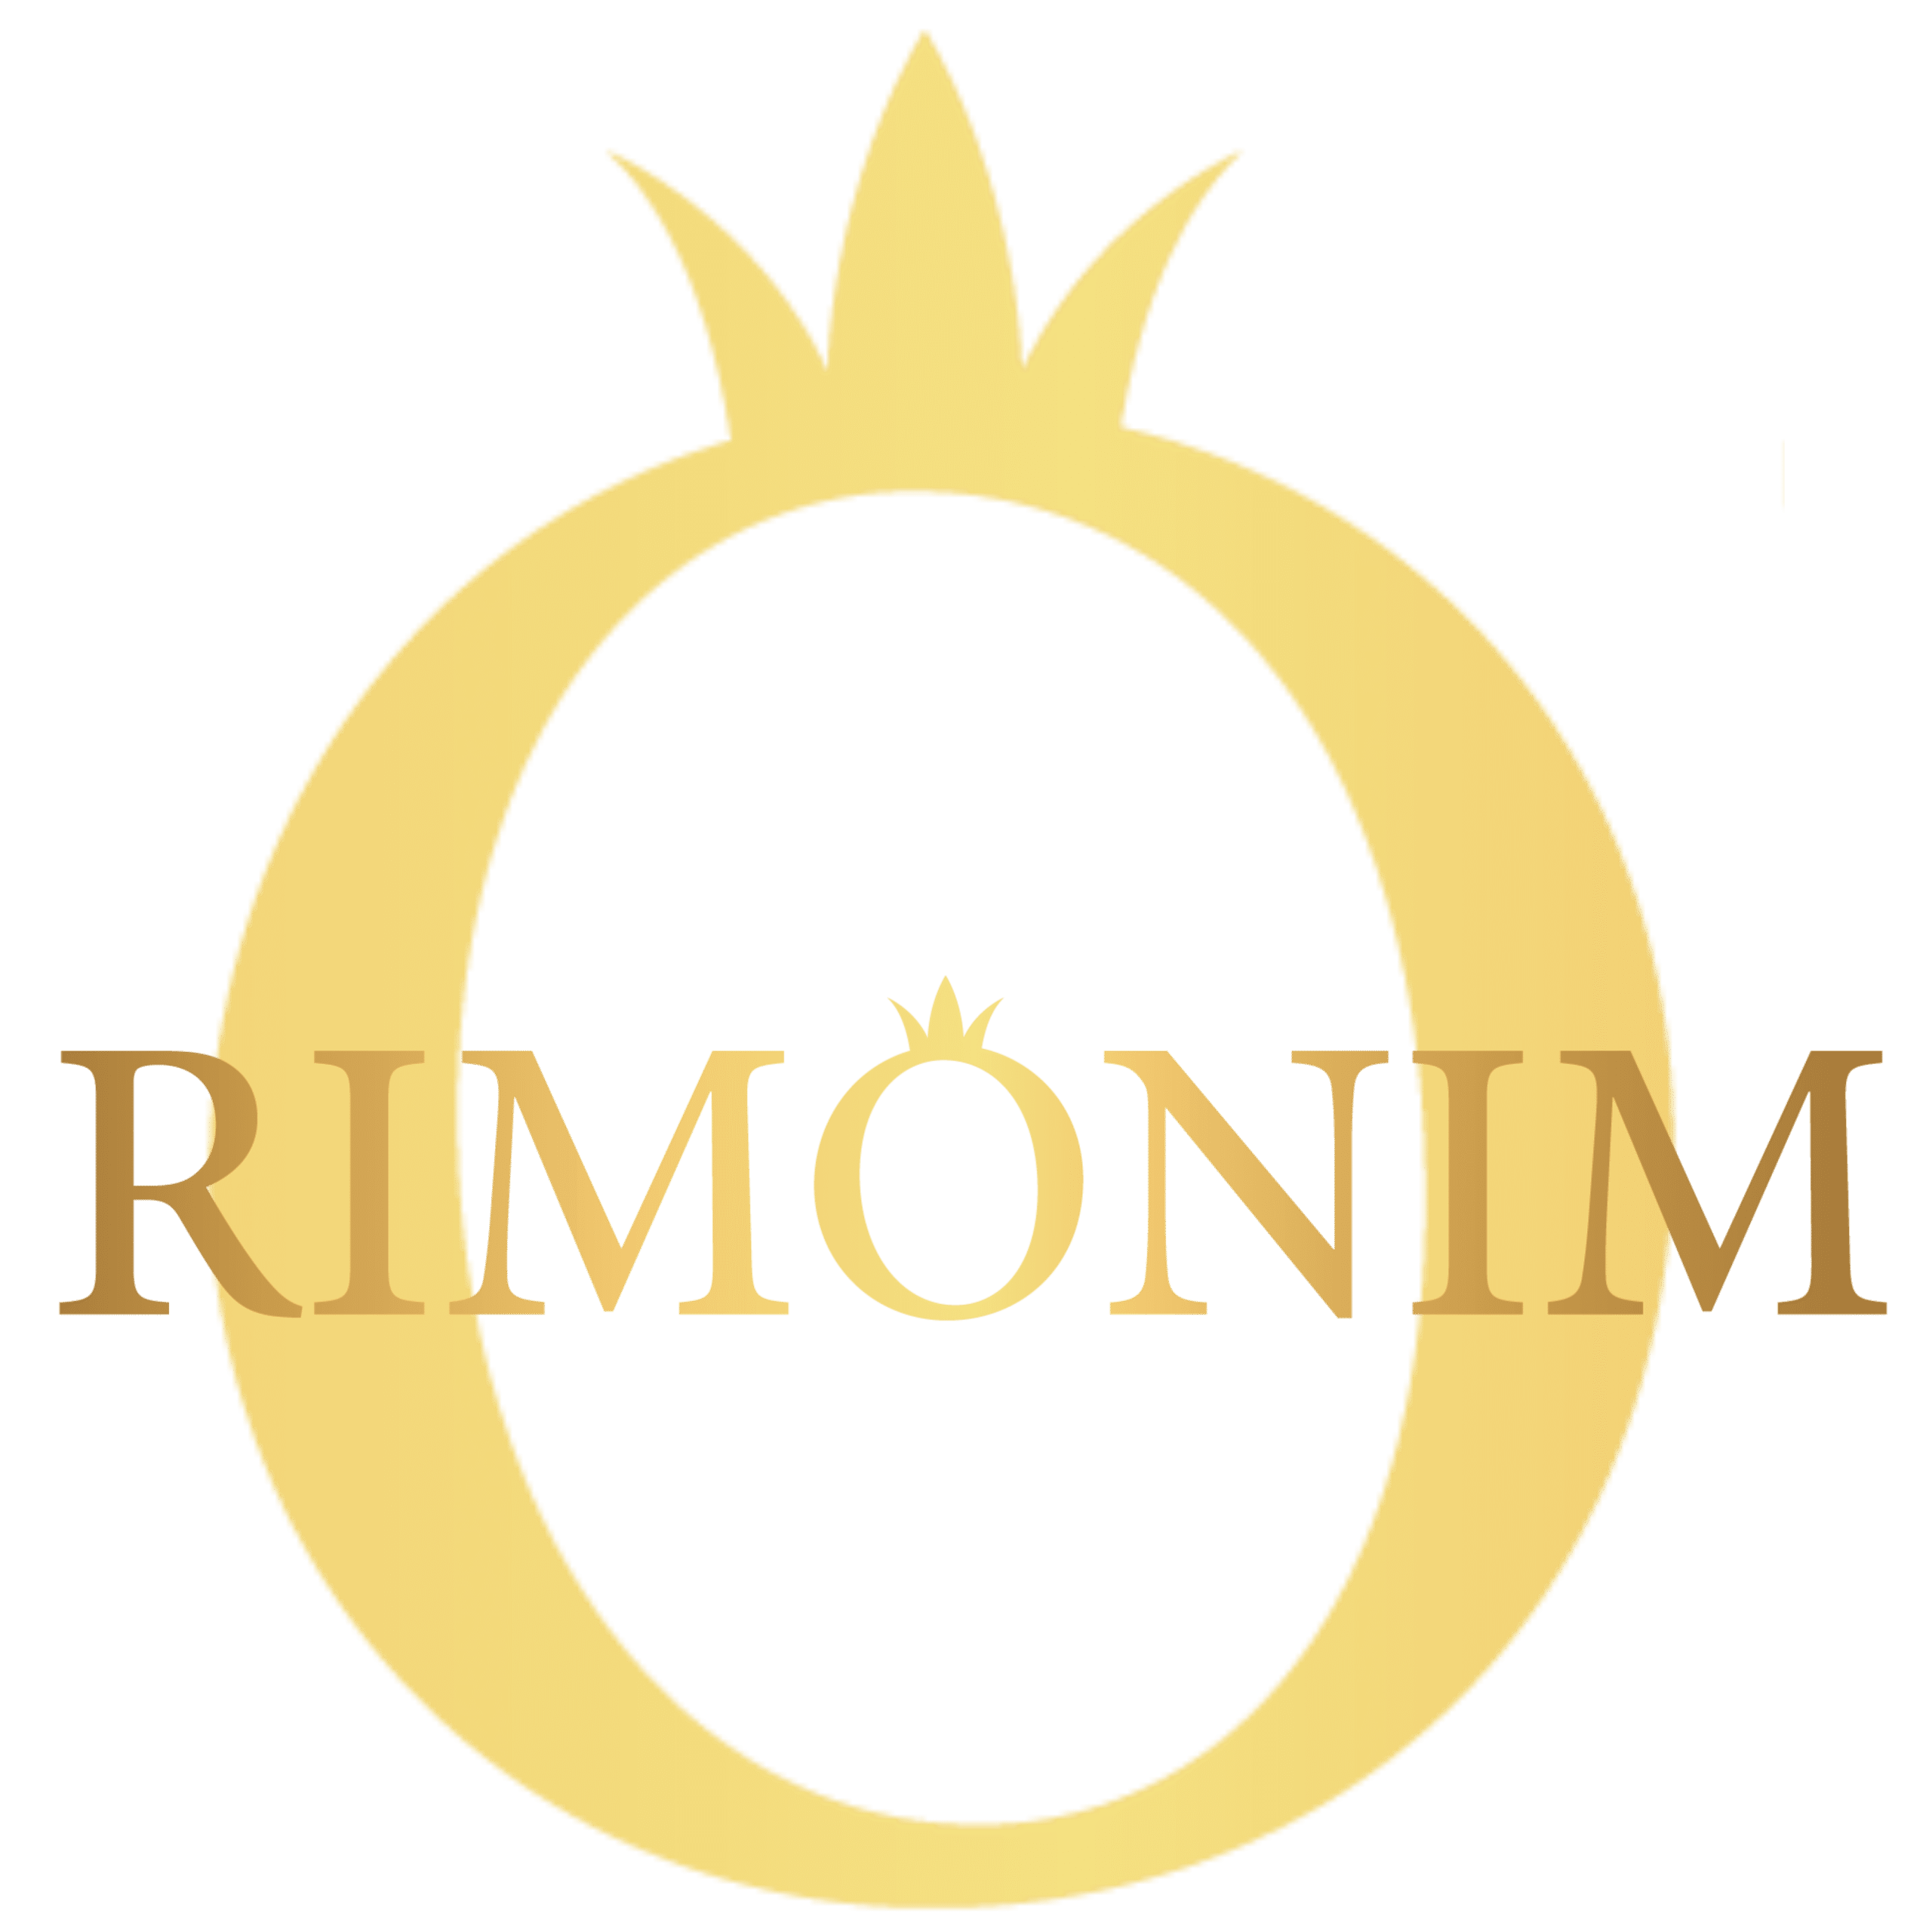 Rimonim Band להקת רימונים לשמחות